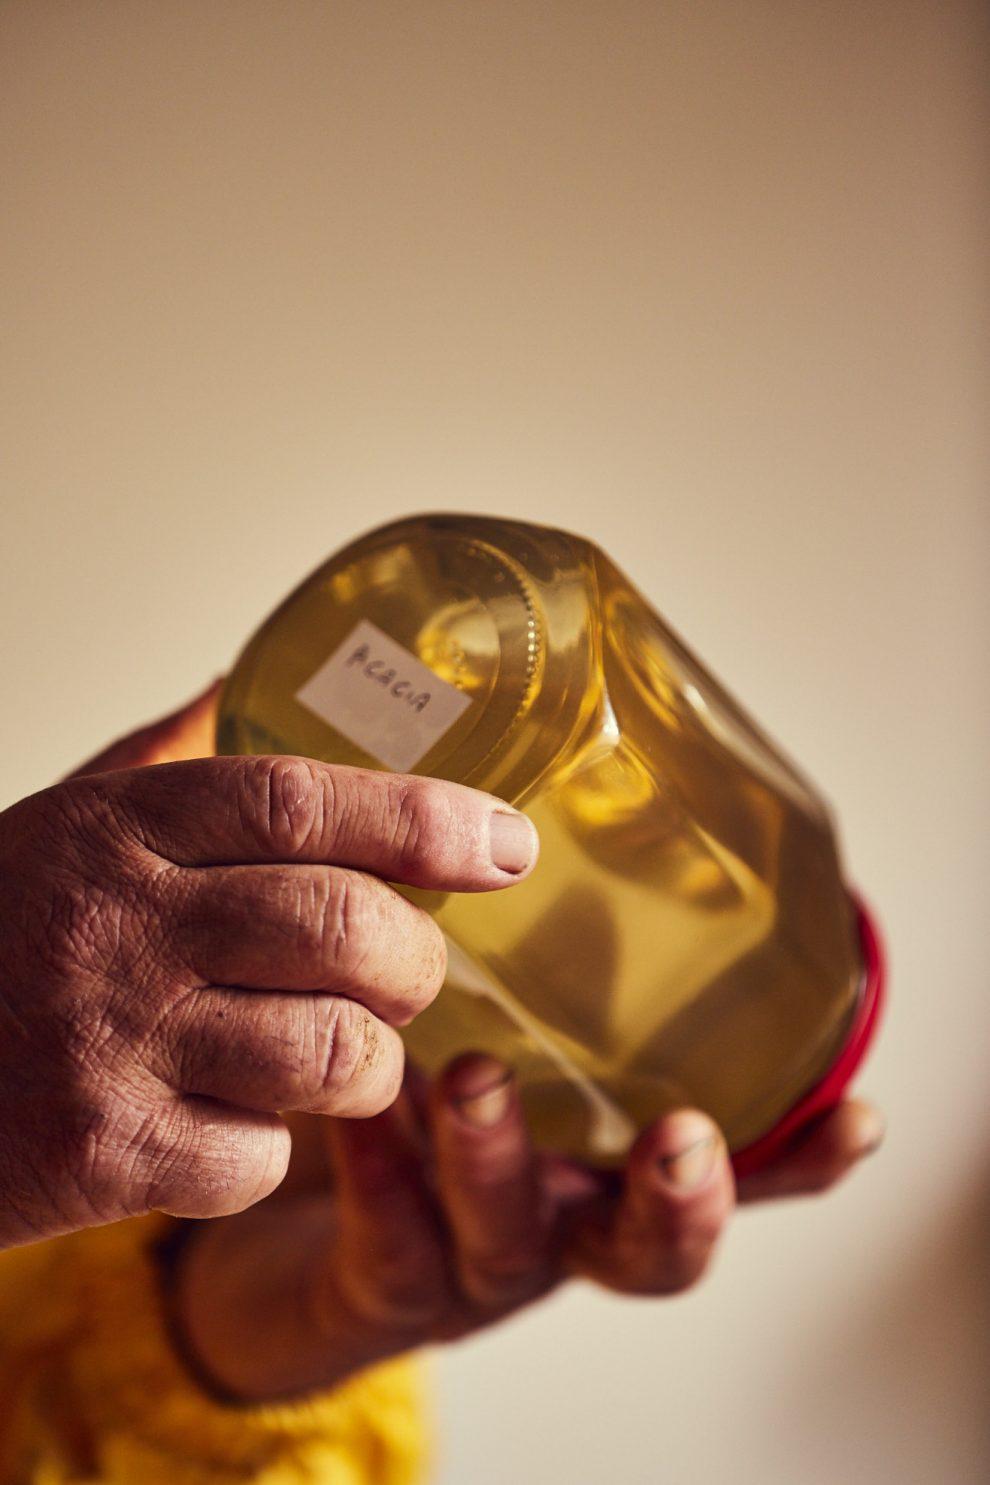 Riconoscere un miele di qualità. I mieli si producono in primavera e in estate; quasi tutti cristallizzano rapidamente. A Natale i miele di eucalipto, tiglio, girasole, agrumi, sulla asfodelo, rododendro, erba medica e i millefiori devono essere cristallizzati. Se non lo sono vuol dire che sono stati scaldati e hanno perso tutte le loro proprietà e i loro profumi. Solo acacia, melata e castagno rimangono liquidi a lungo. Se a Natale sono cristallizzati vuol dire che c'è dentro dell'altro miele.